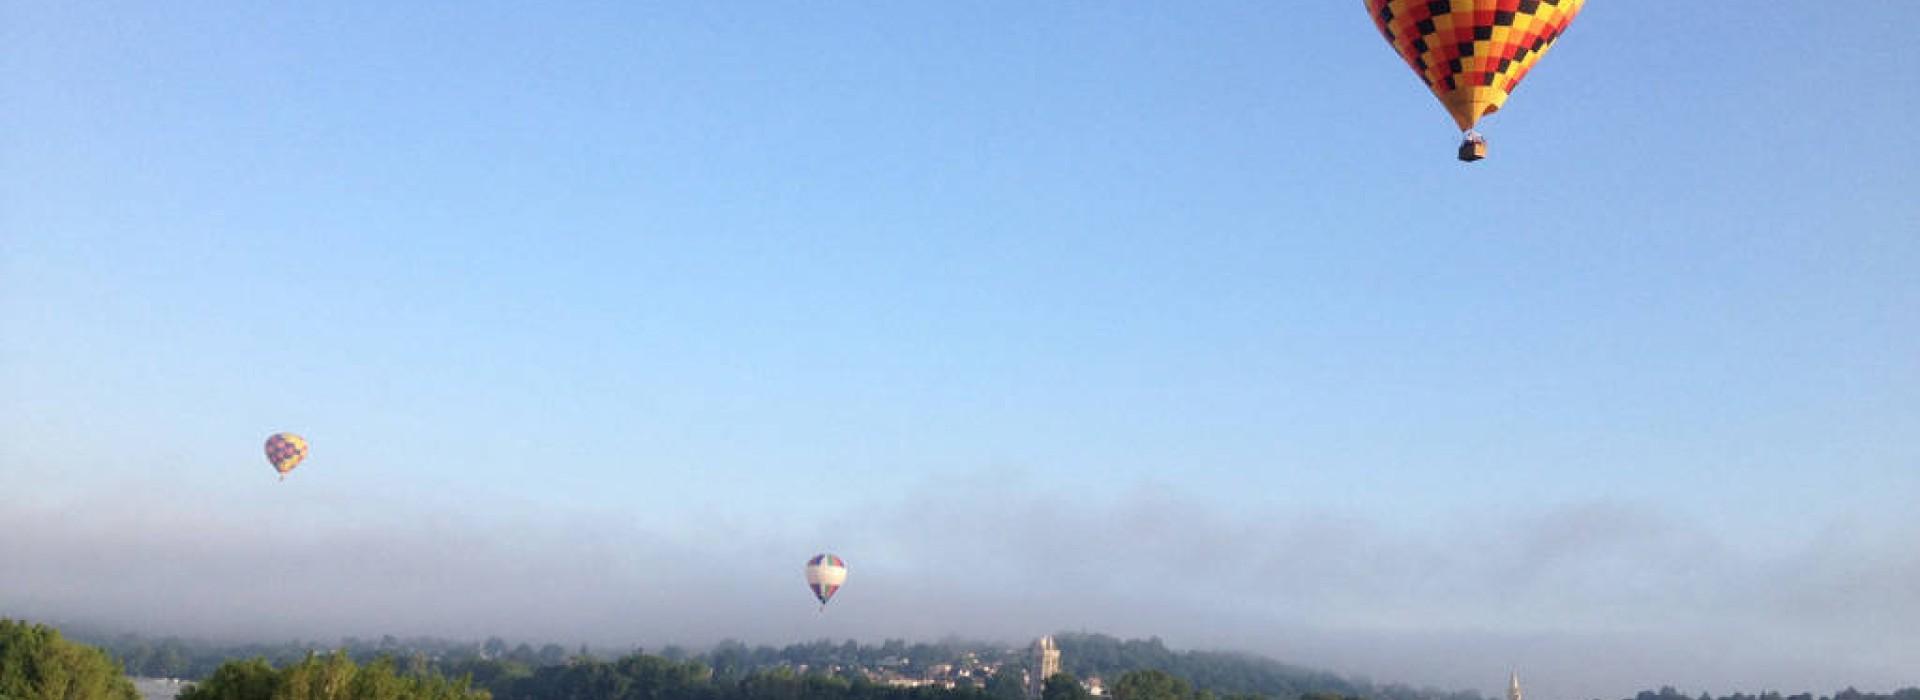 montgolfiere la baule